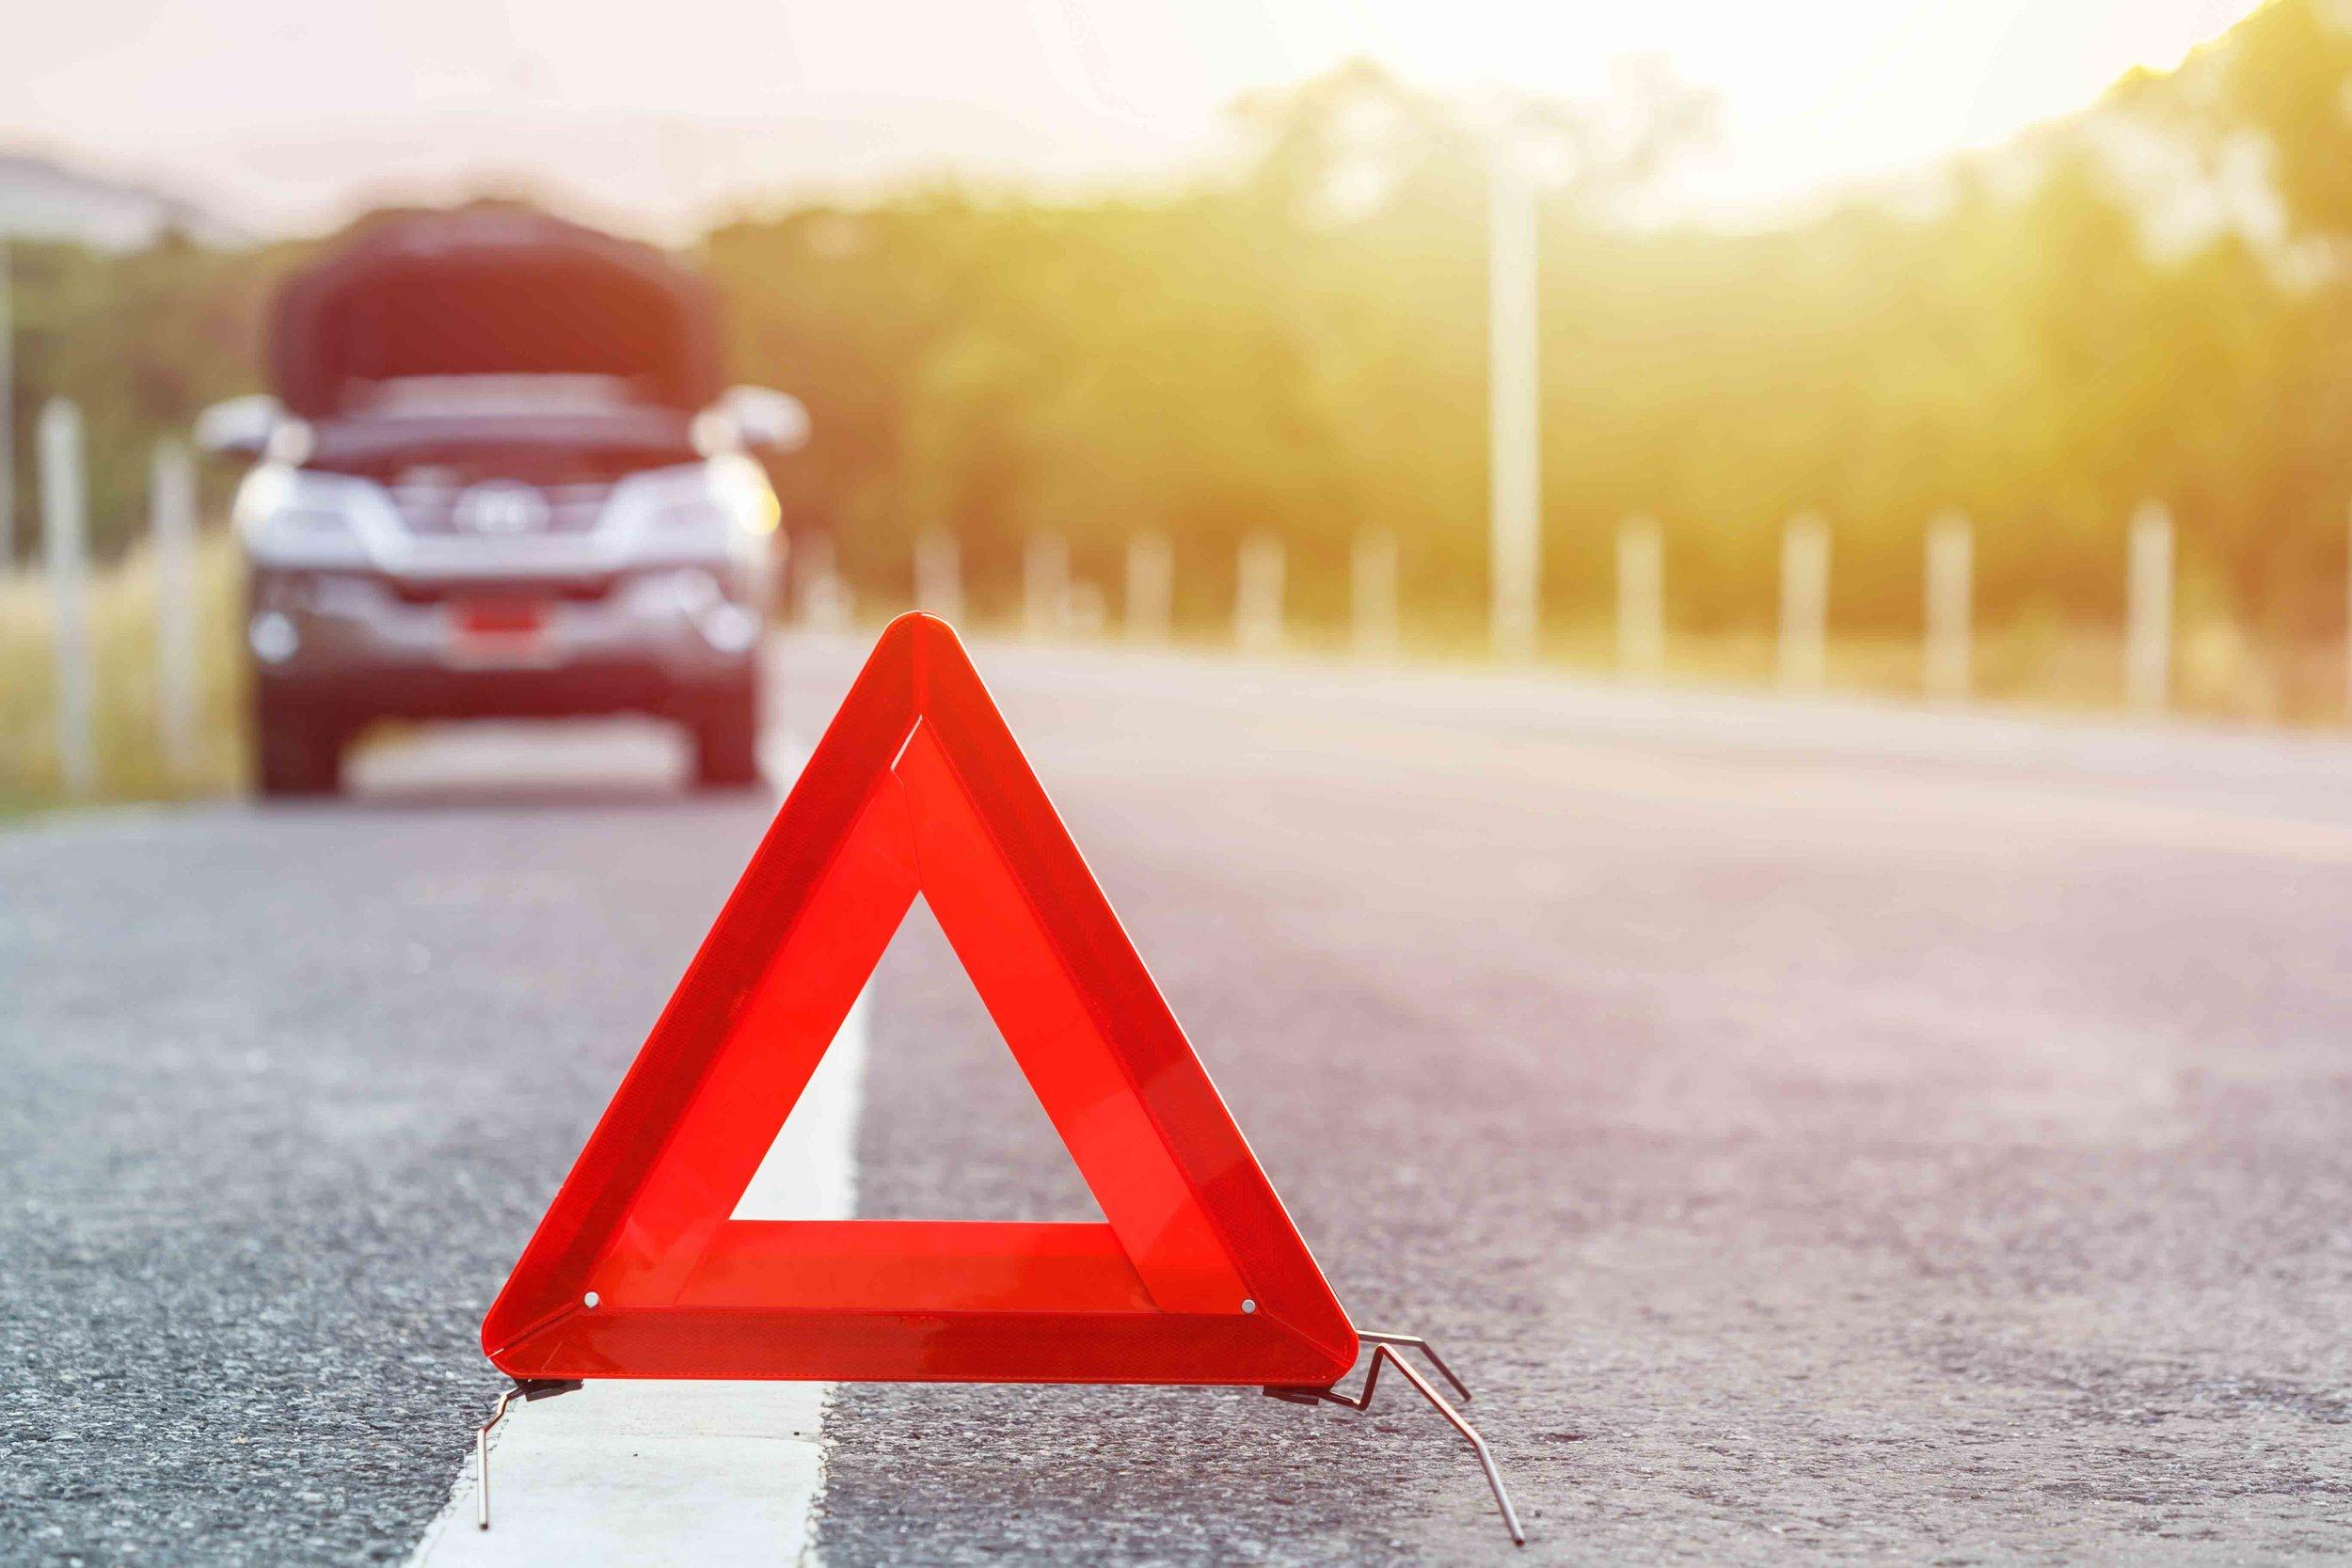 TriangleRoadsign_Roadside.jpg